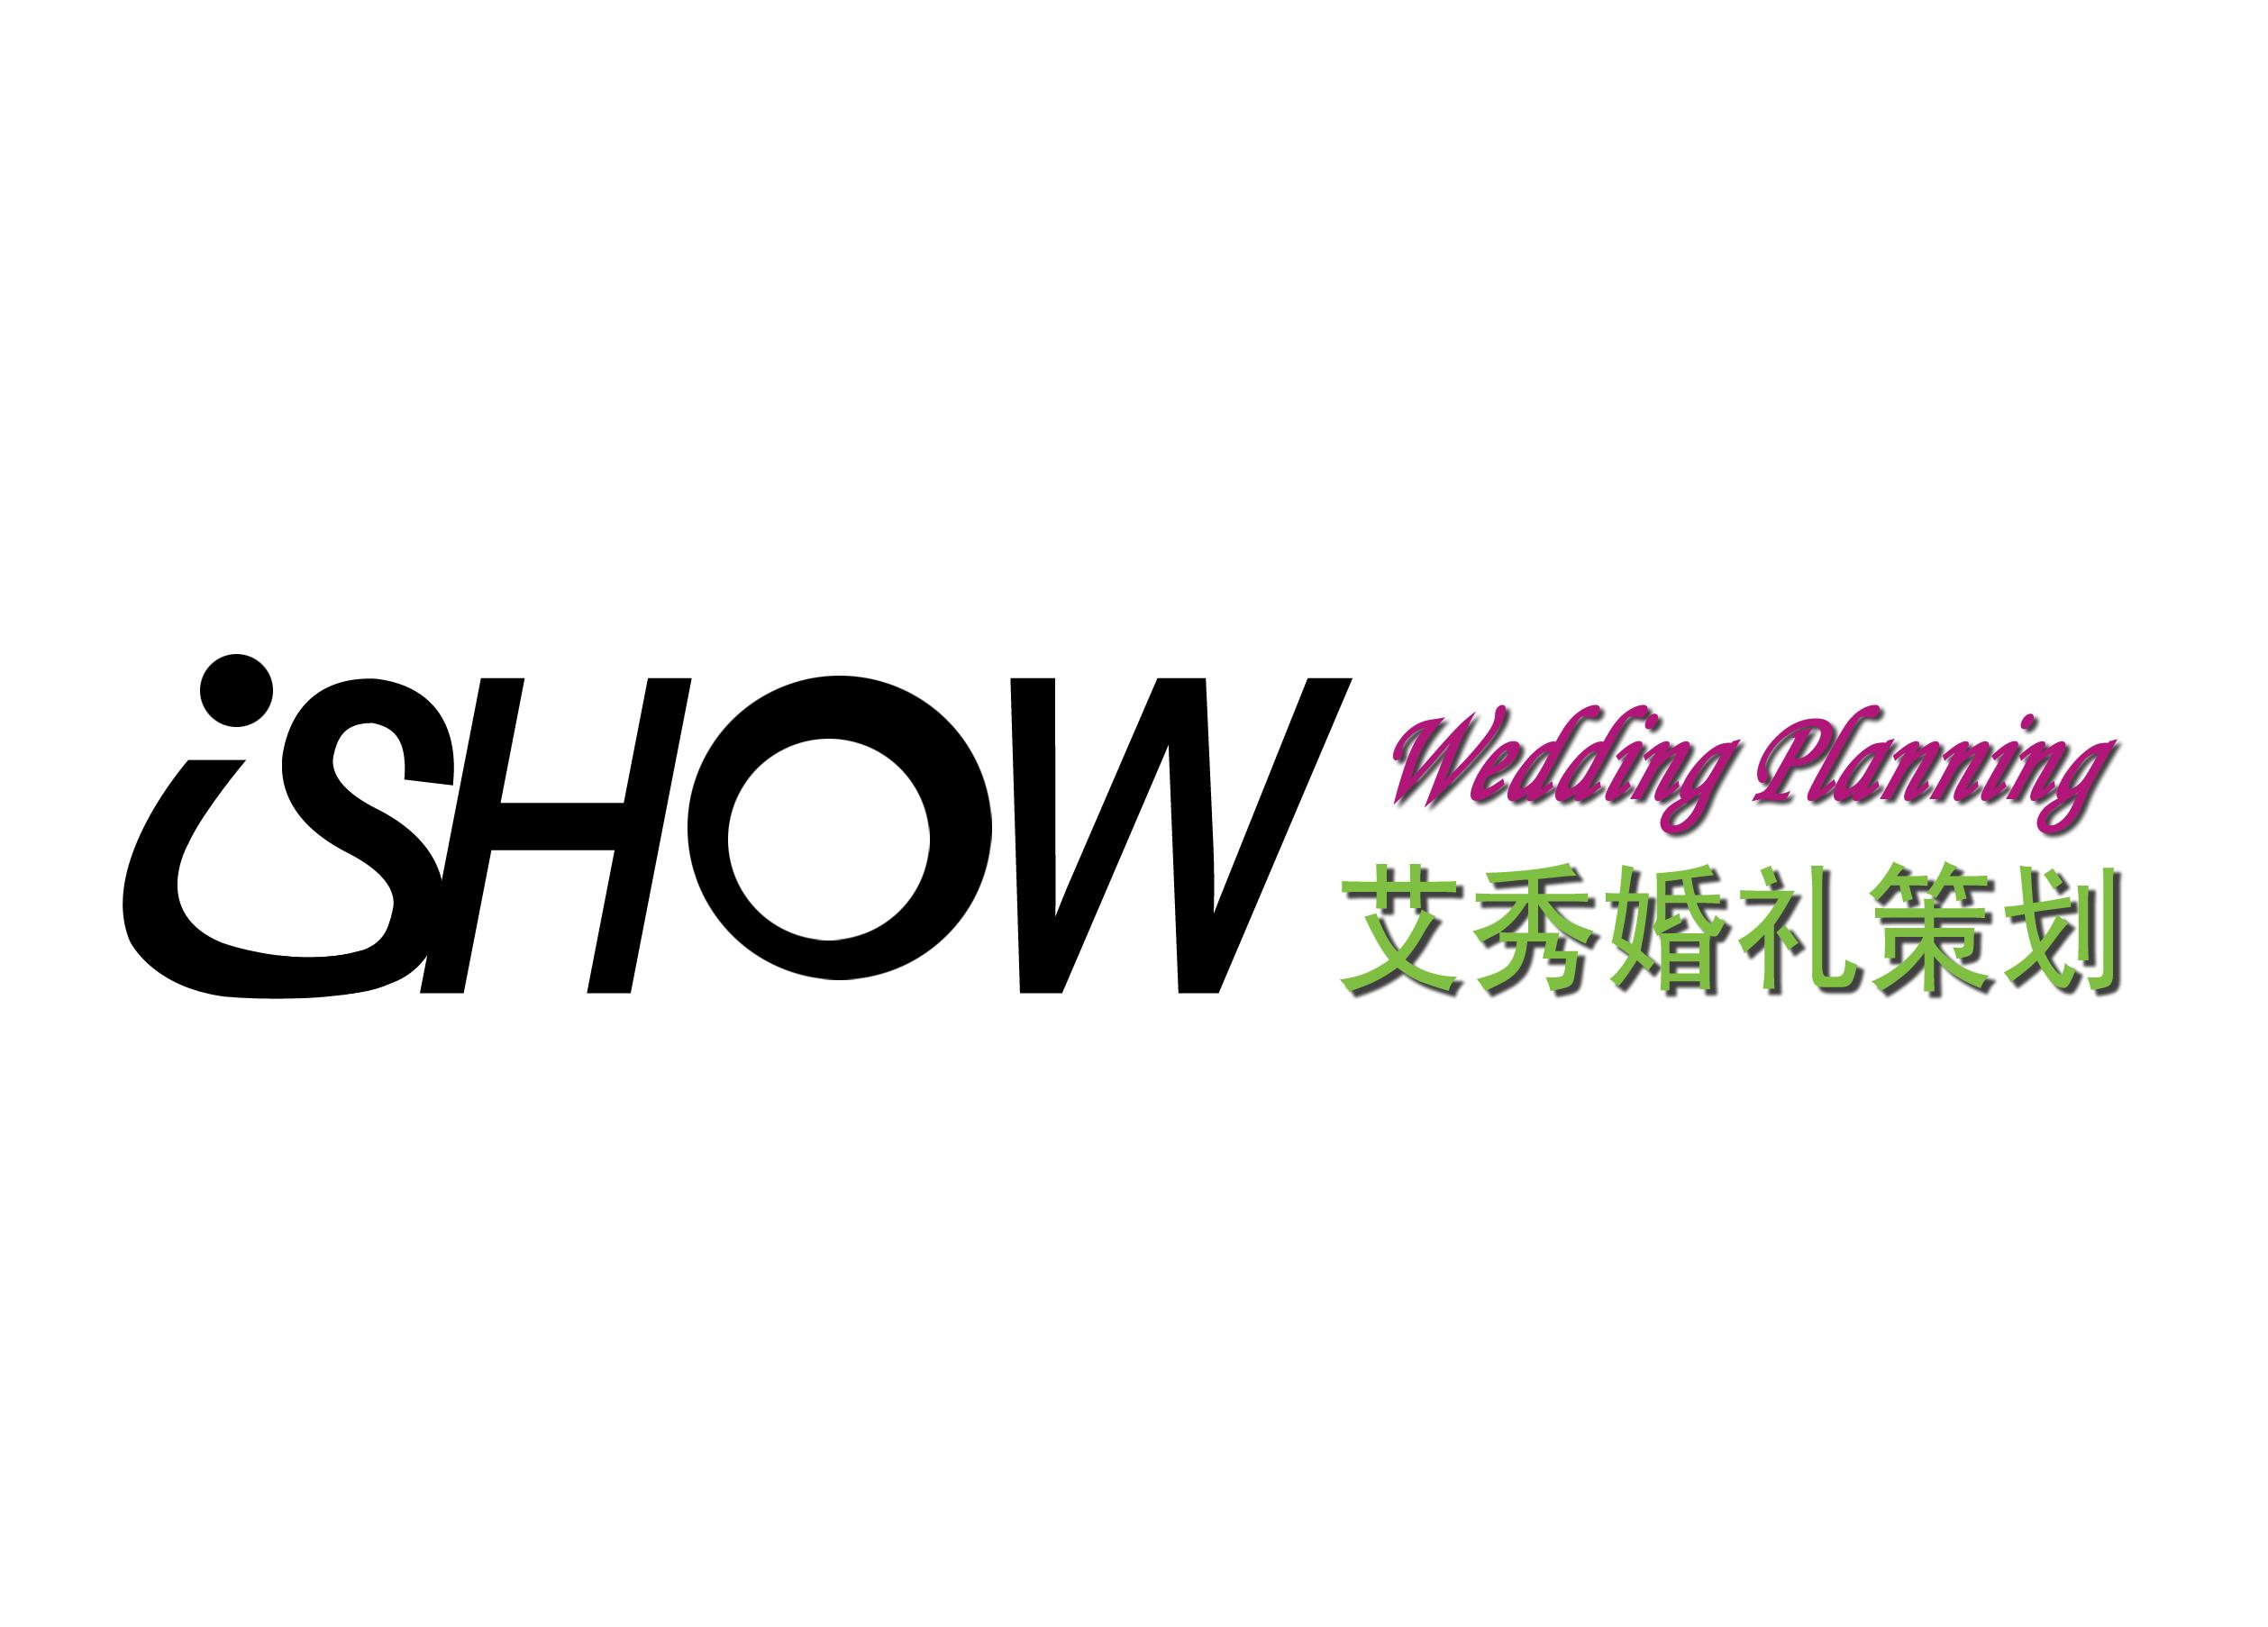 logo logo 标志 设计 矢量 矢量图 素材 图标 2517_1806